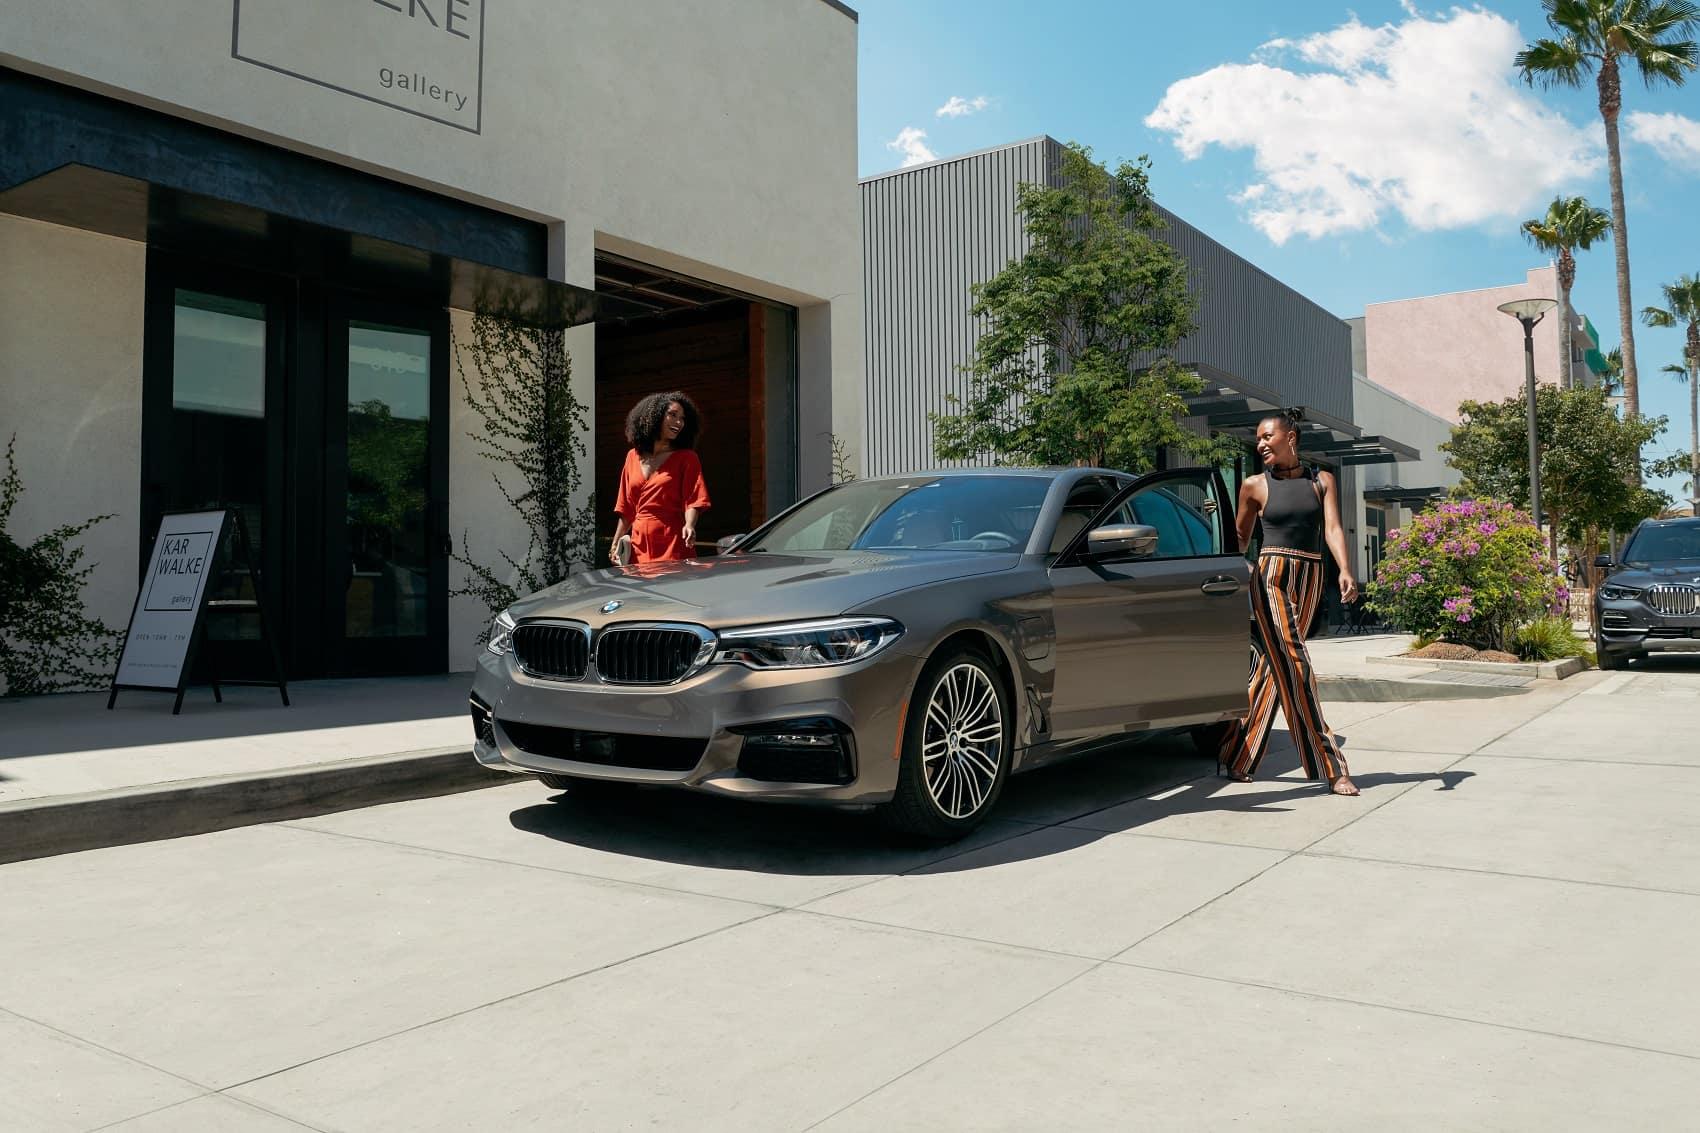 BMW Service near Me Jackson MS | BMW of Jackson